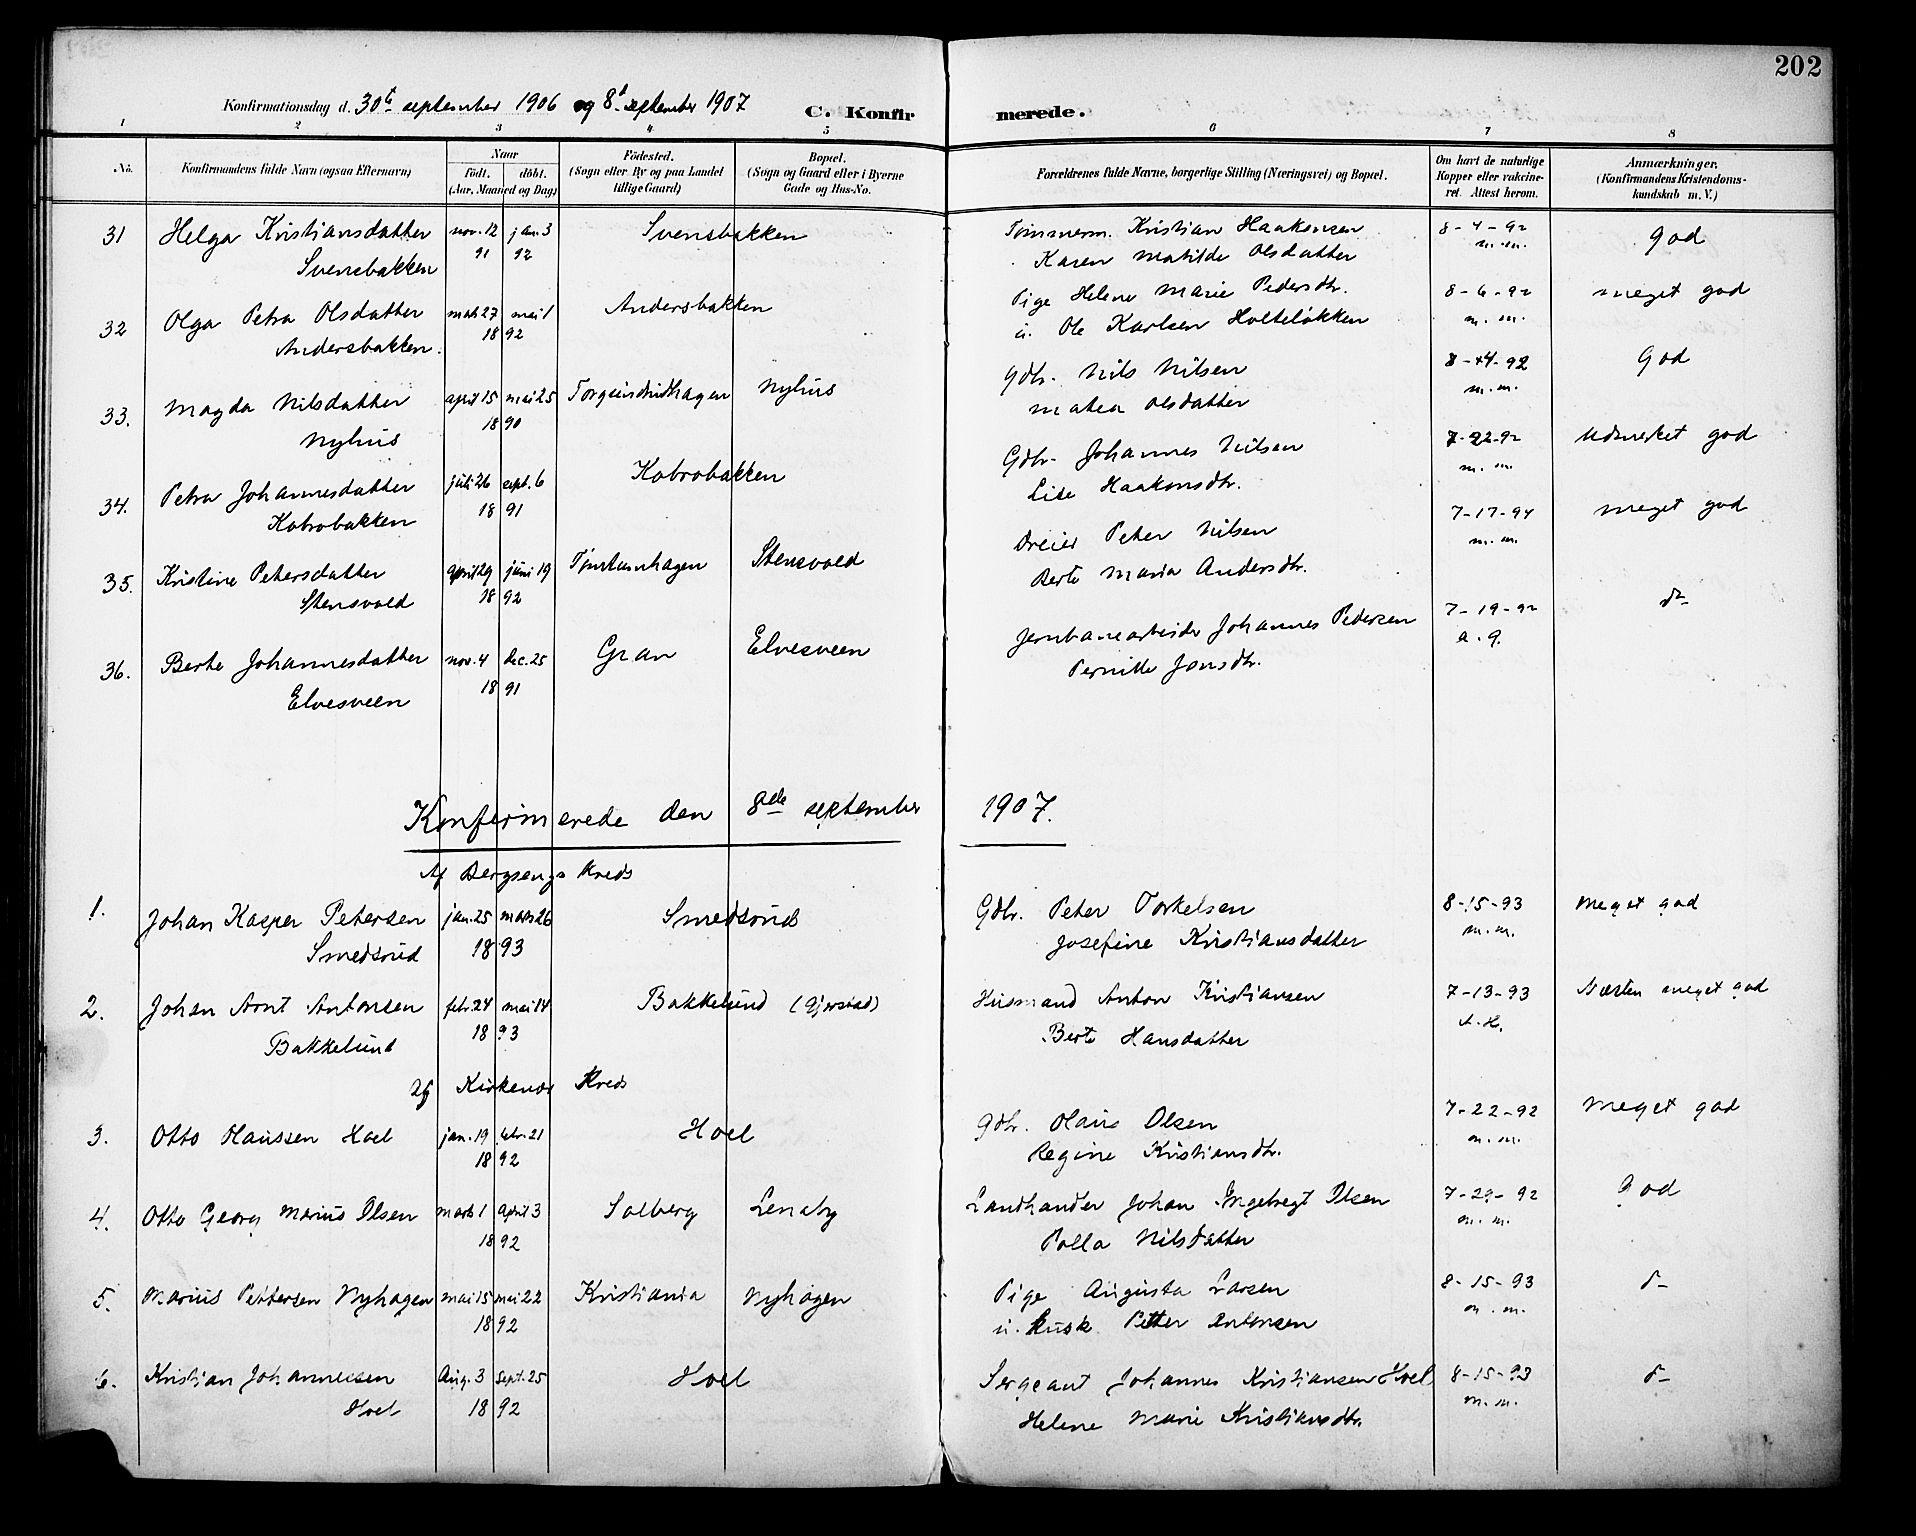 SAH, Vestre Toten prestekontor, Ministerialbok nr. 13, 1895-1911, s. 202